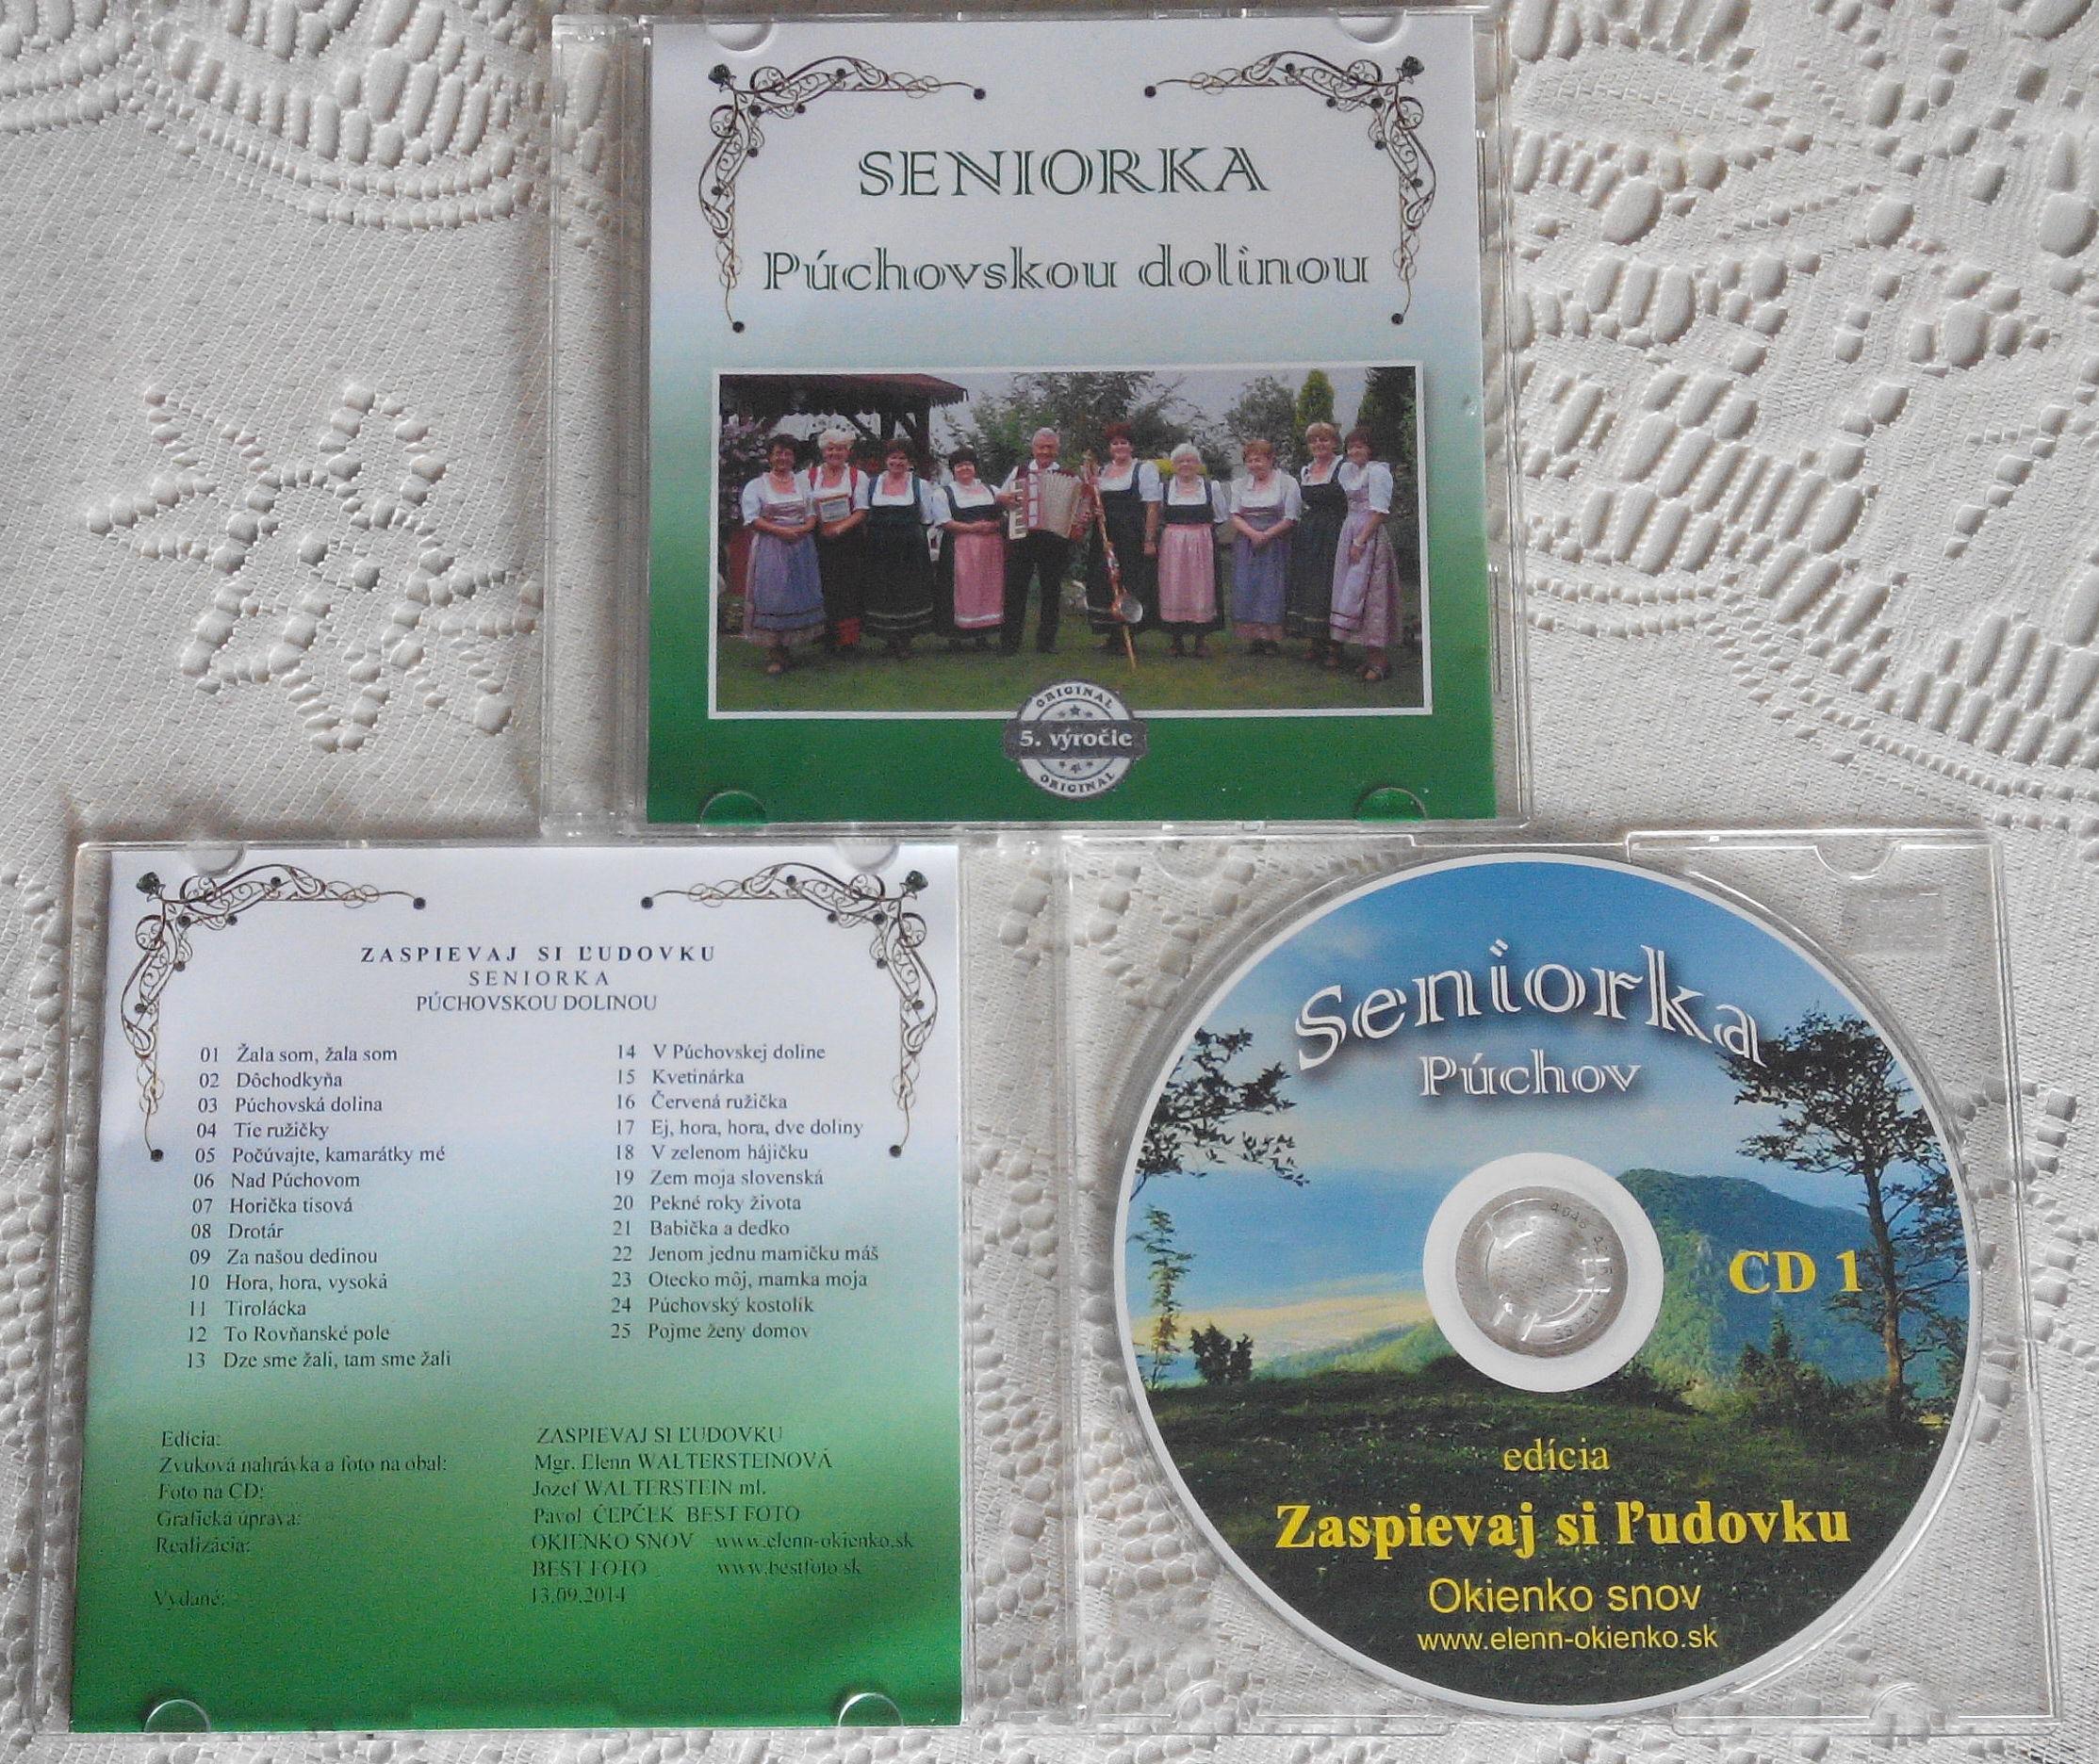 CD 1_SENIORKA z Púchova